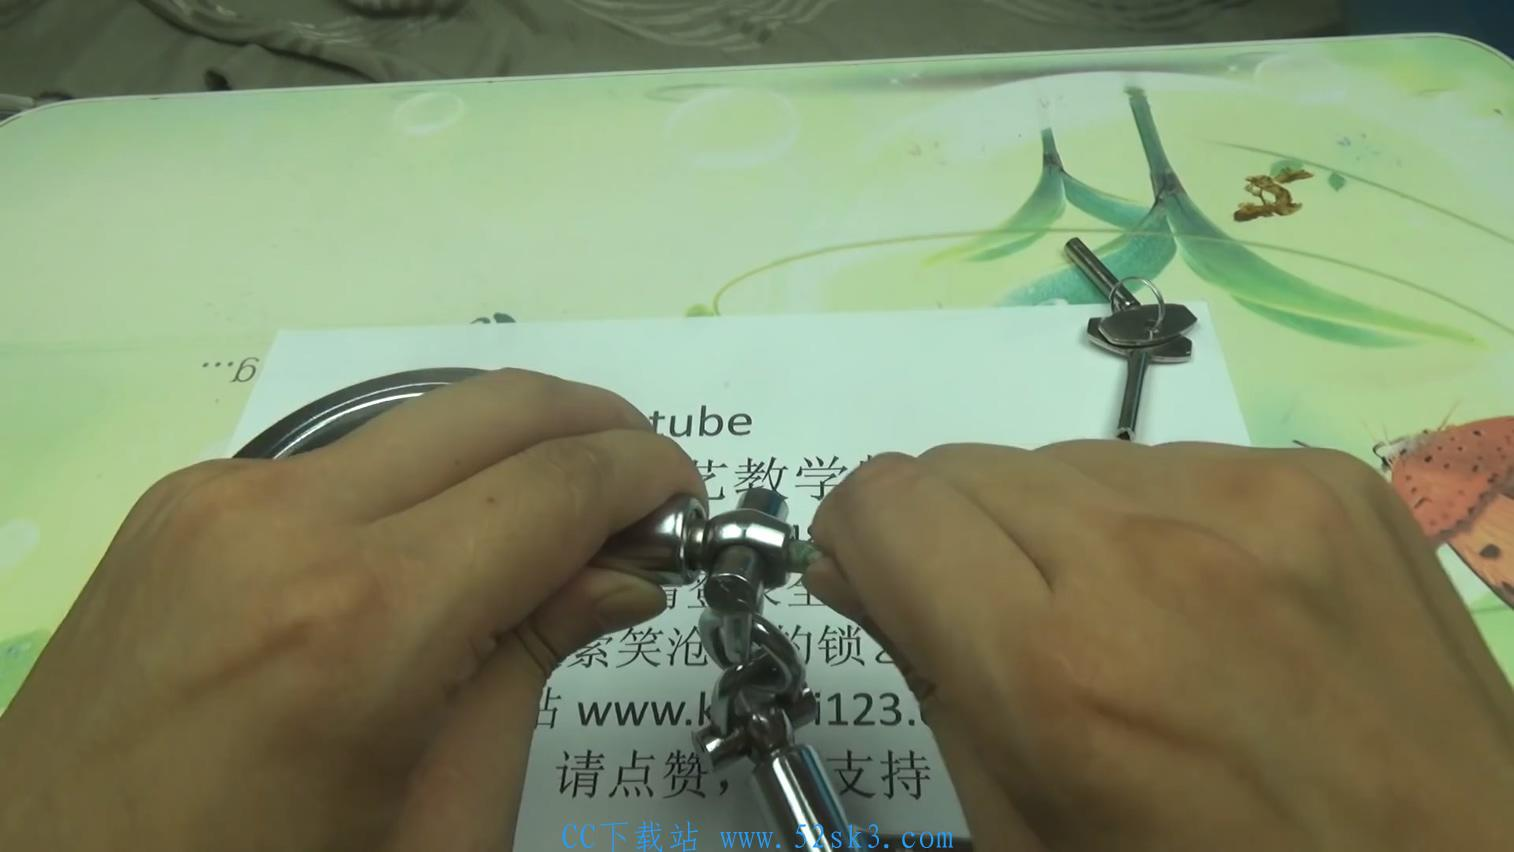 [教程] 用牙签、钢丝开最新款手铐教学